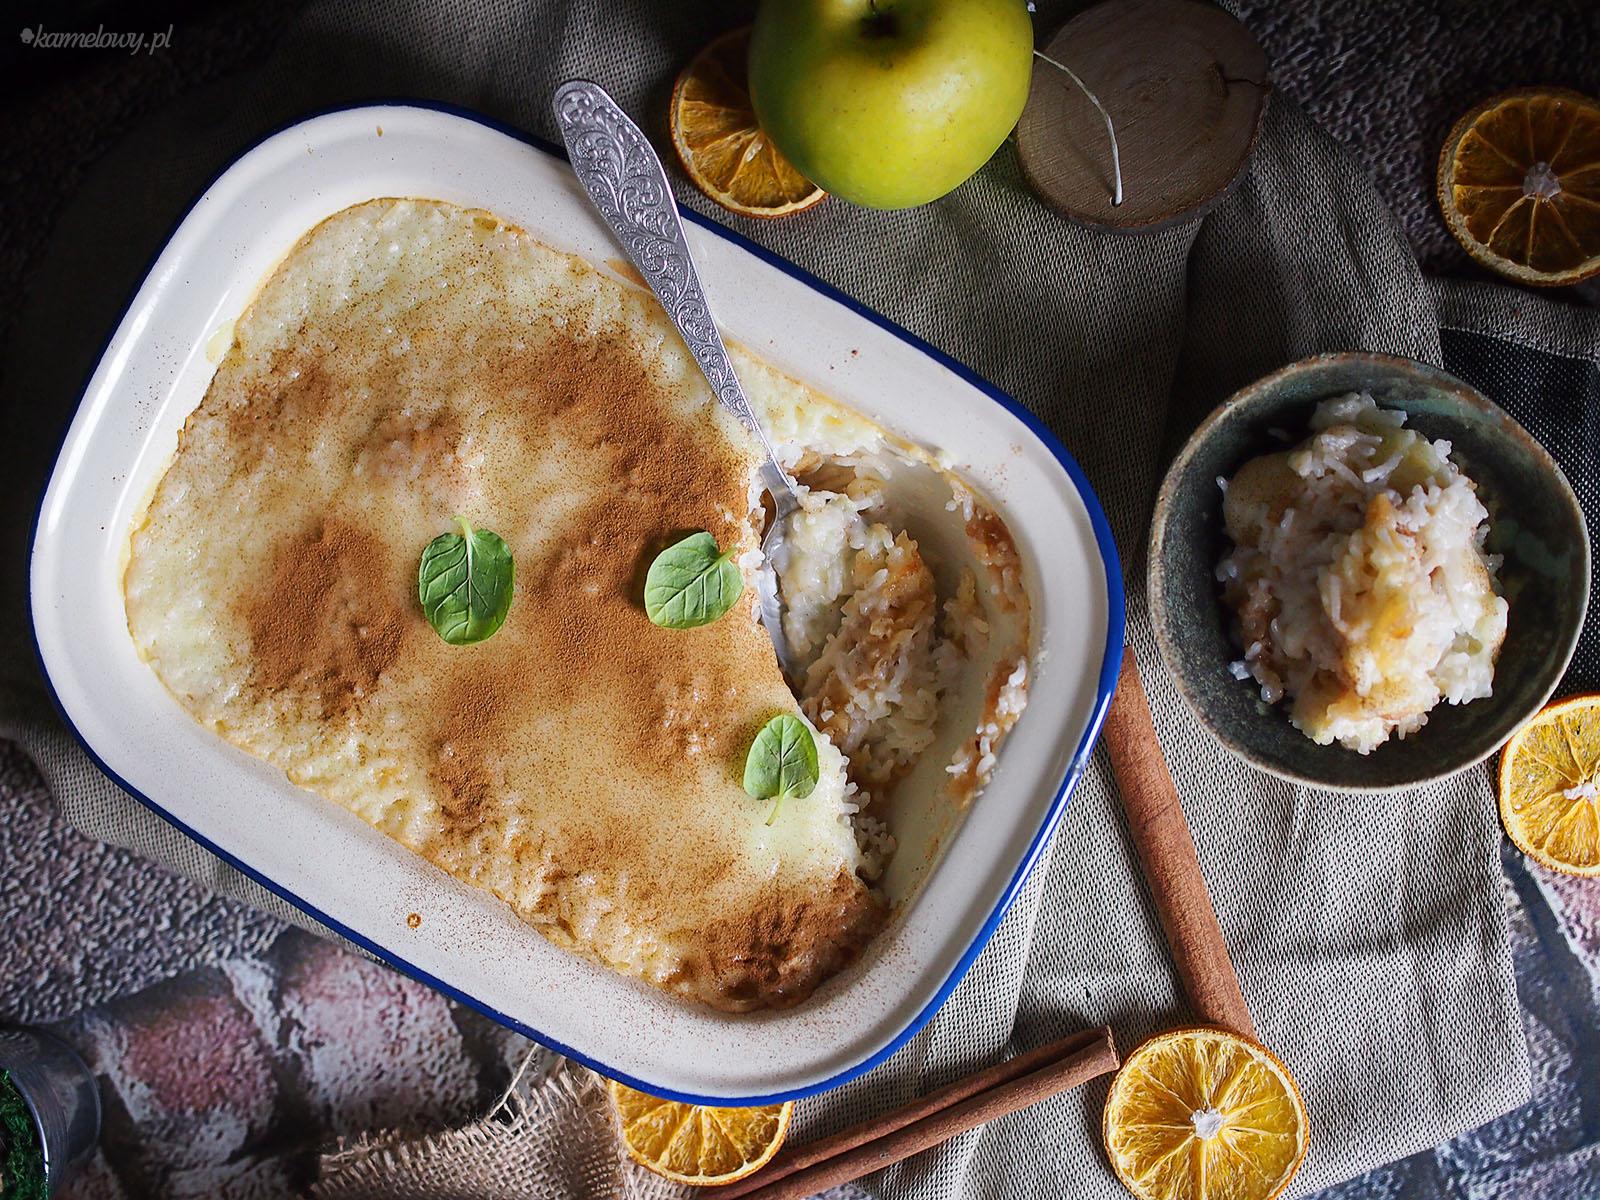 Ryż Z Jabłkami I Cynamonem Apple Cinnamon Rice Pudding